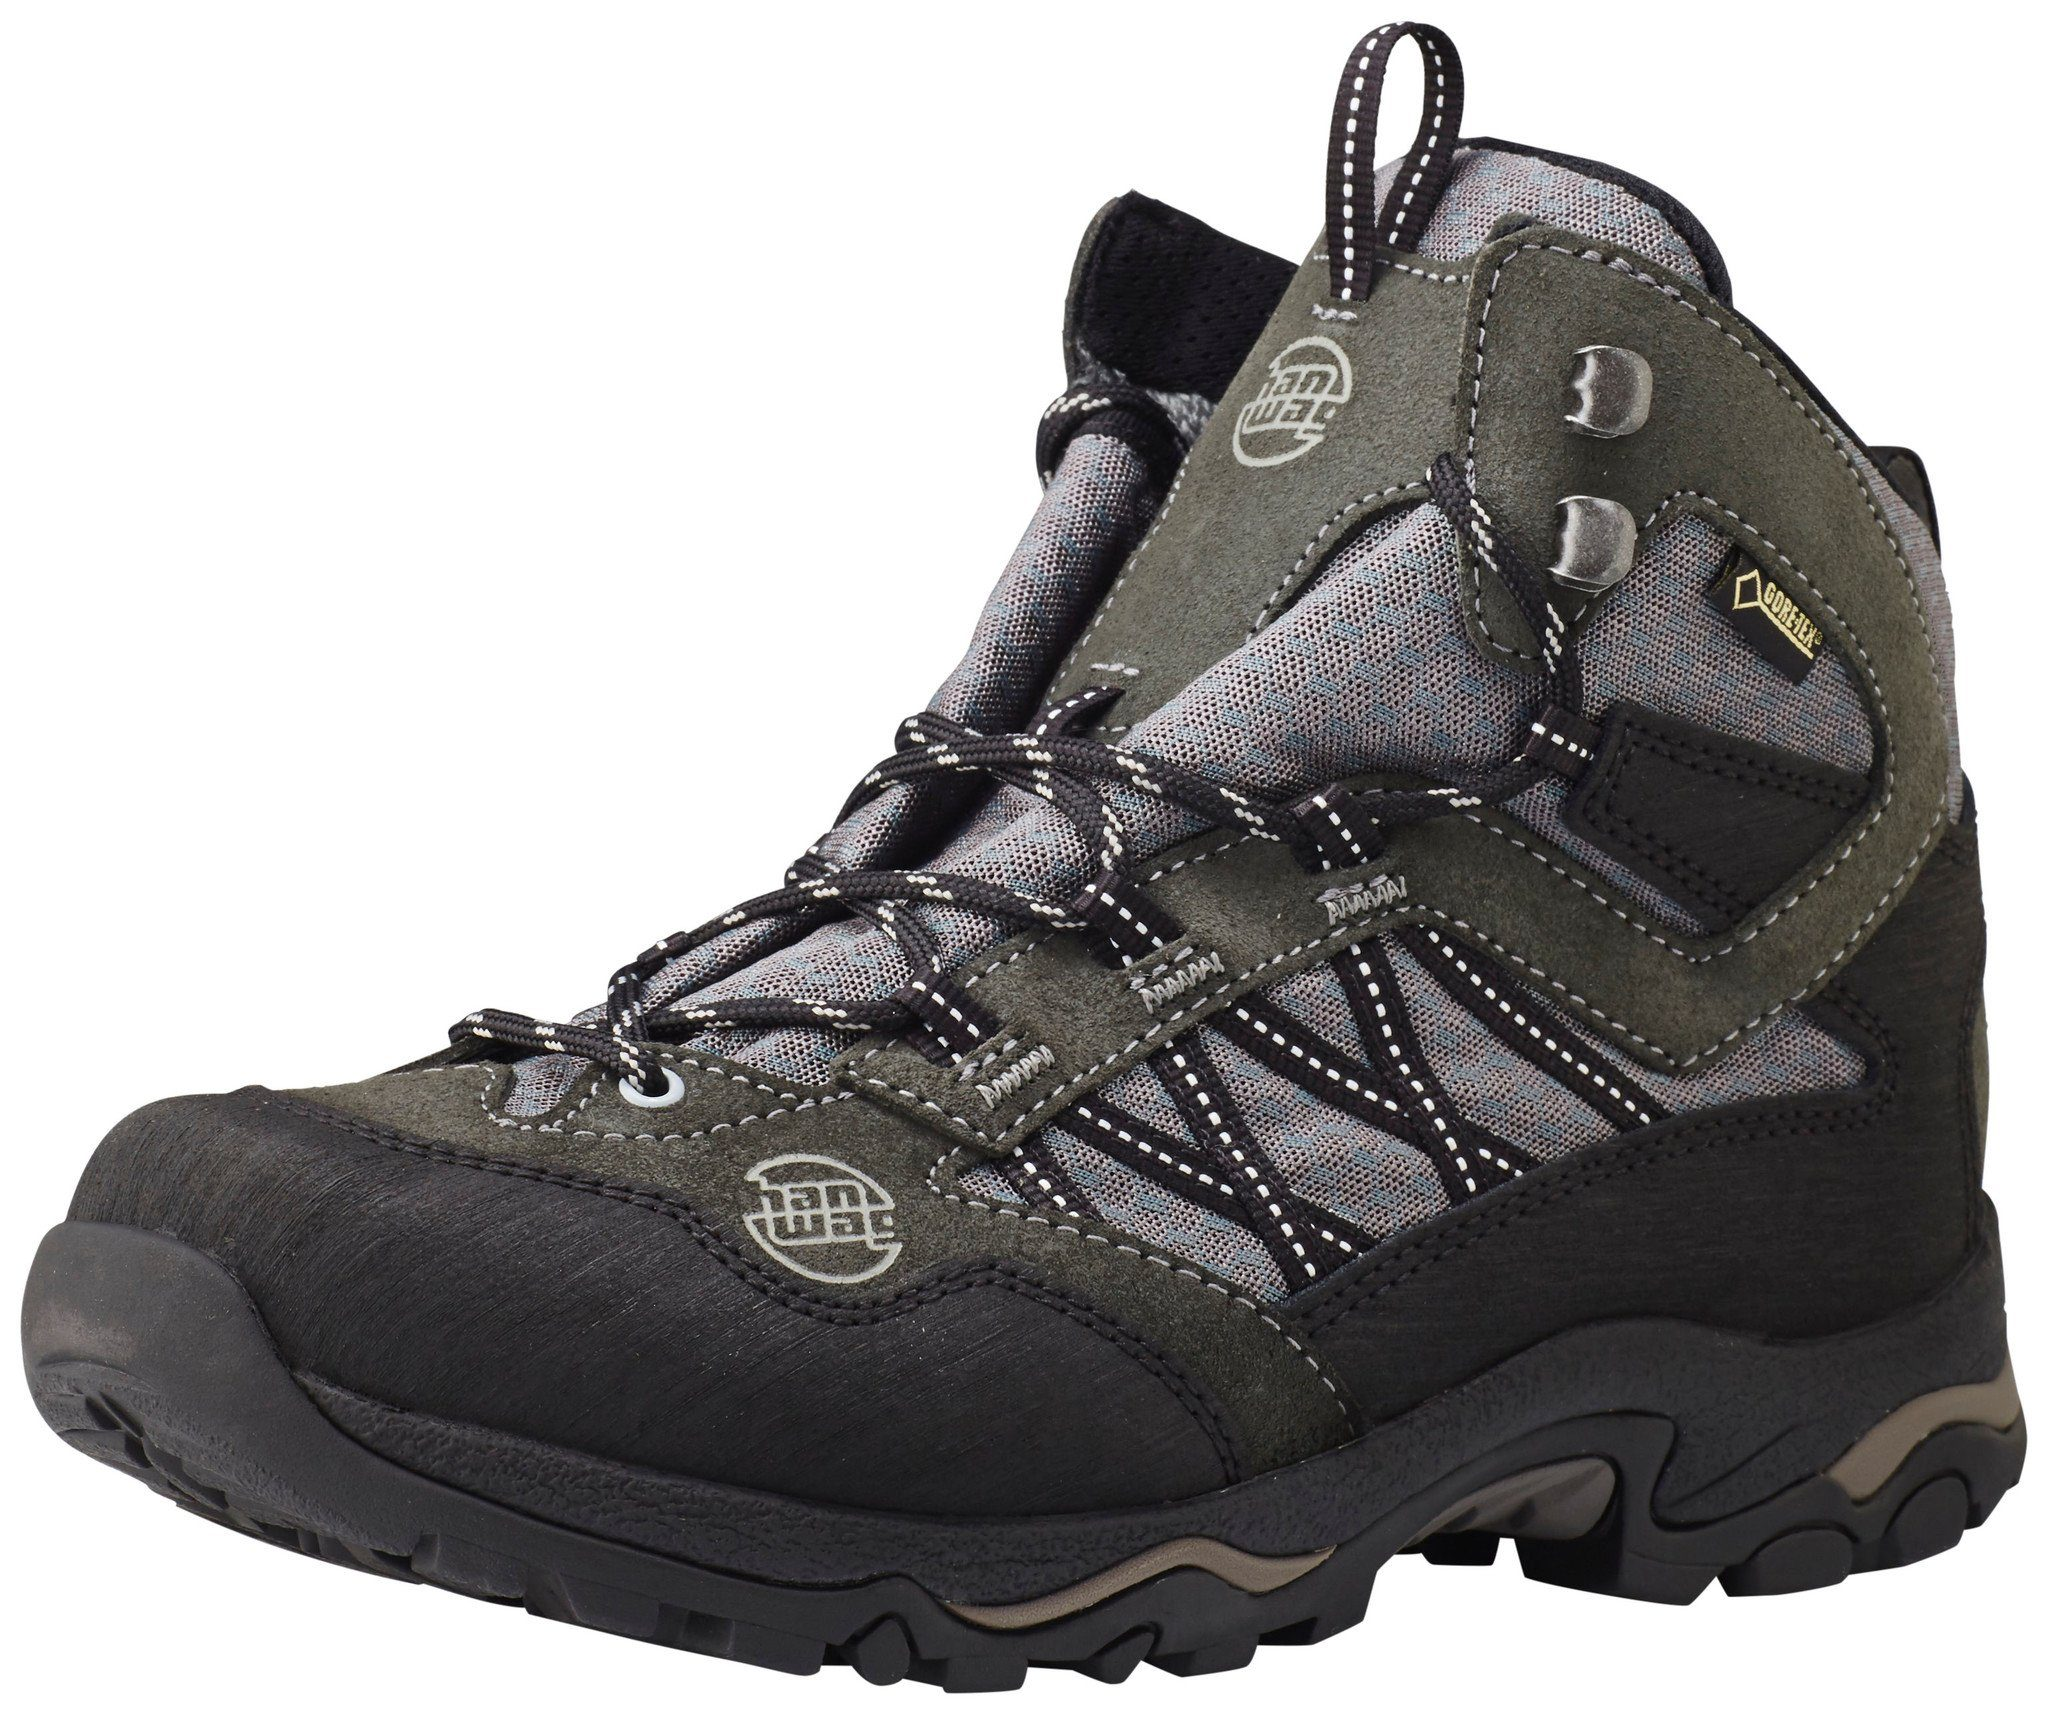 Hanwag Kletterschuh »Torne GTX Shoes Lady«, schwarz, schwarz